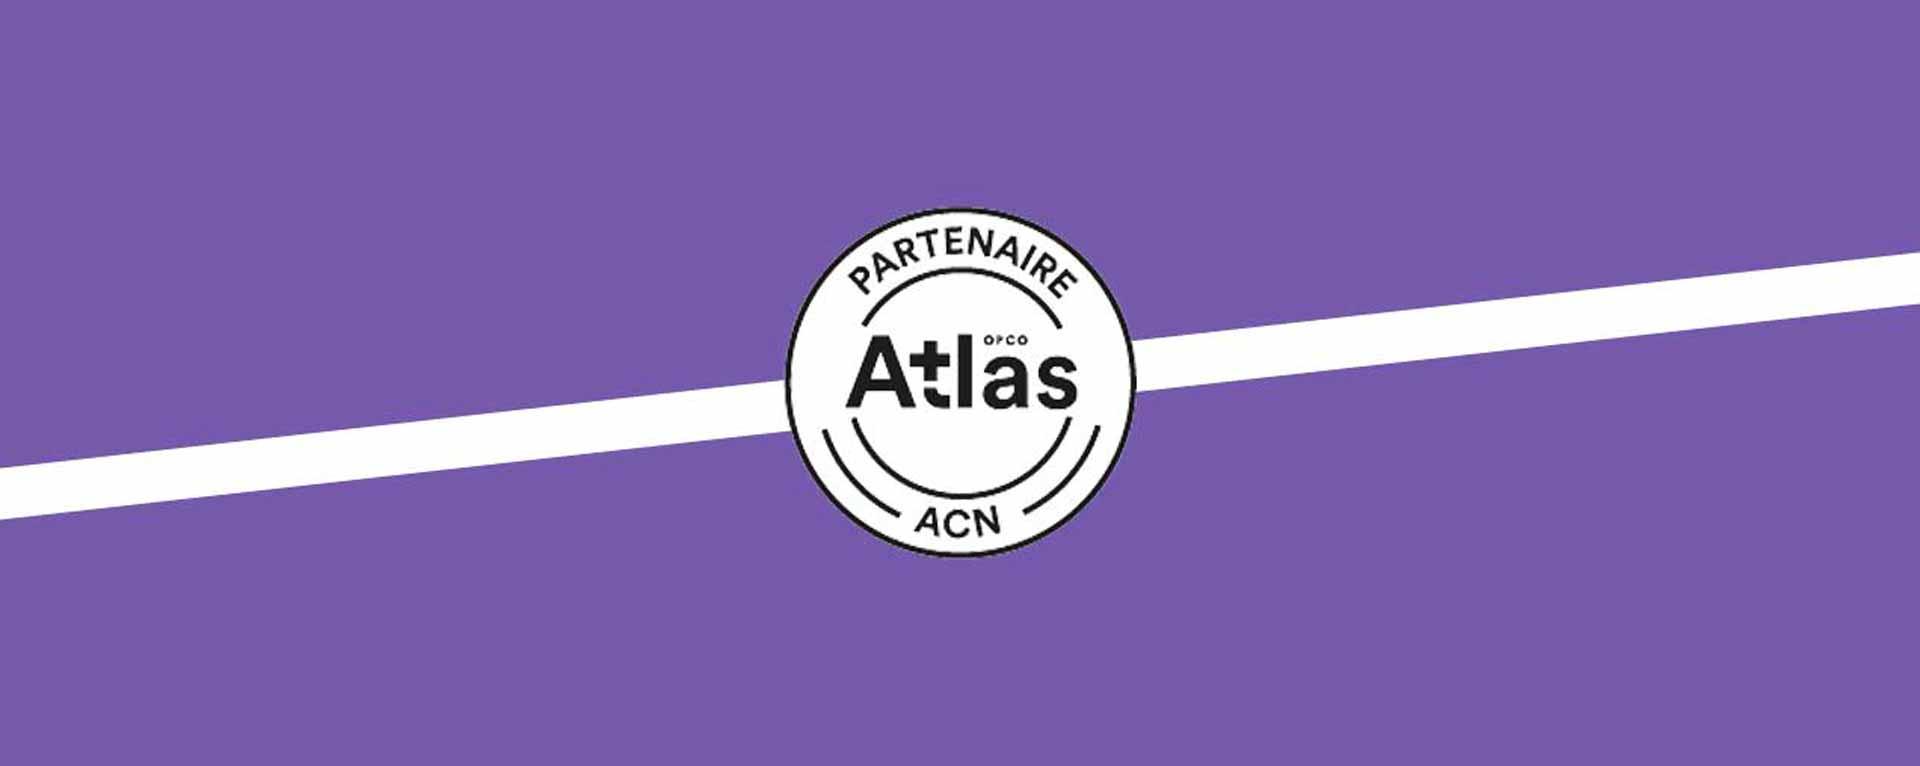 logo partenaire Atlas